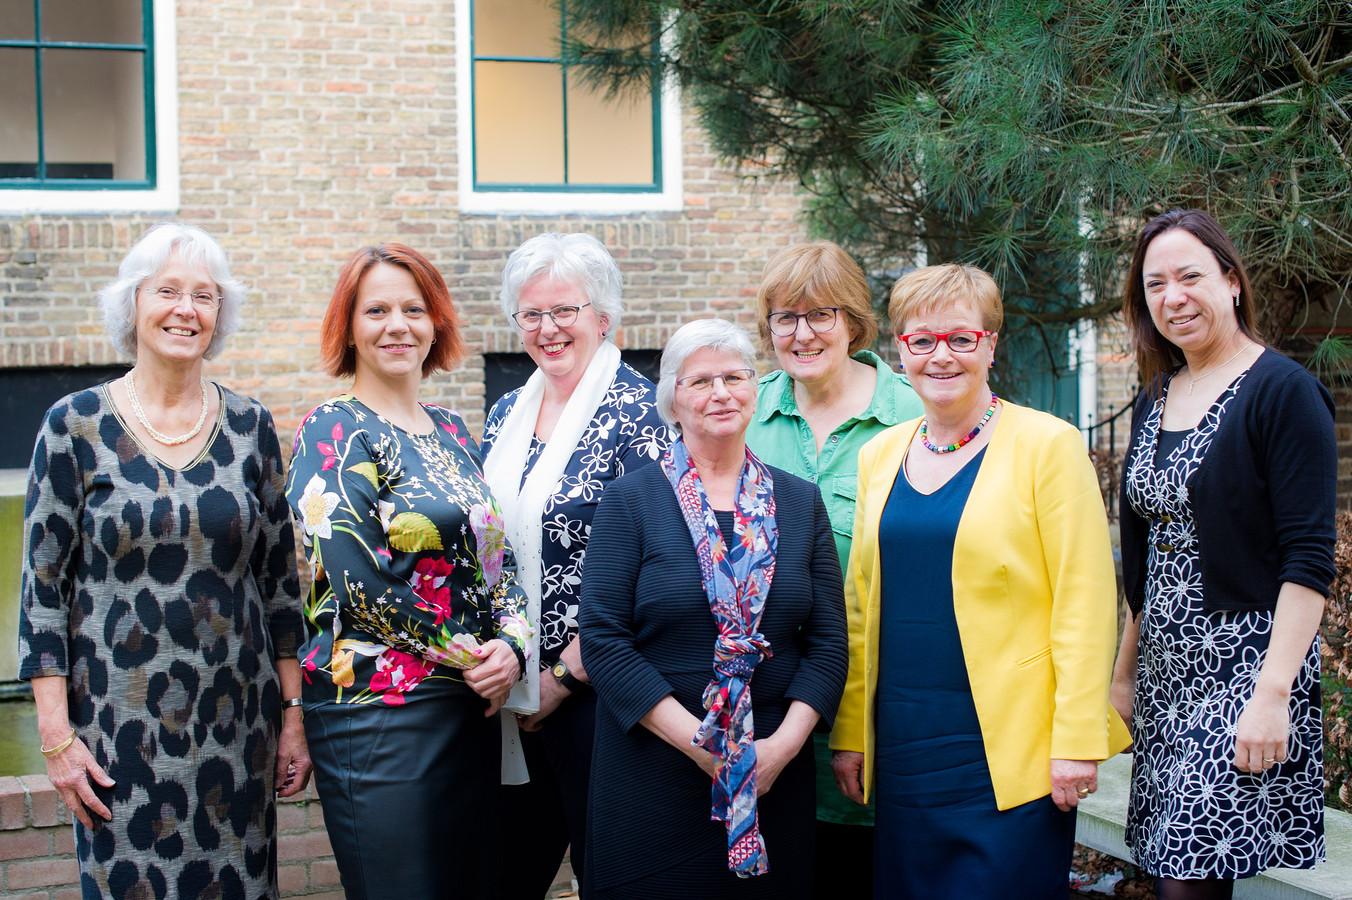 Lonneke Verbunt (rechts) vormt met haar zes collega's sinds 2018 een meerderheid aan vrouwen in de gemeenteraad van Baarle-Nassau.